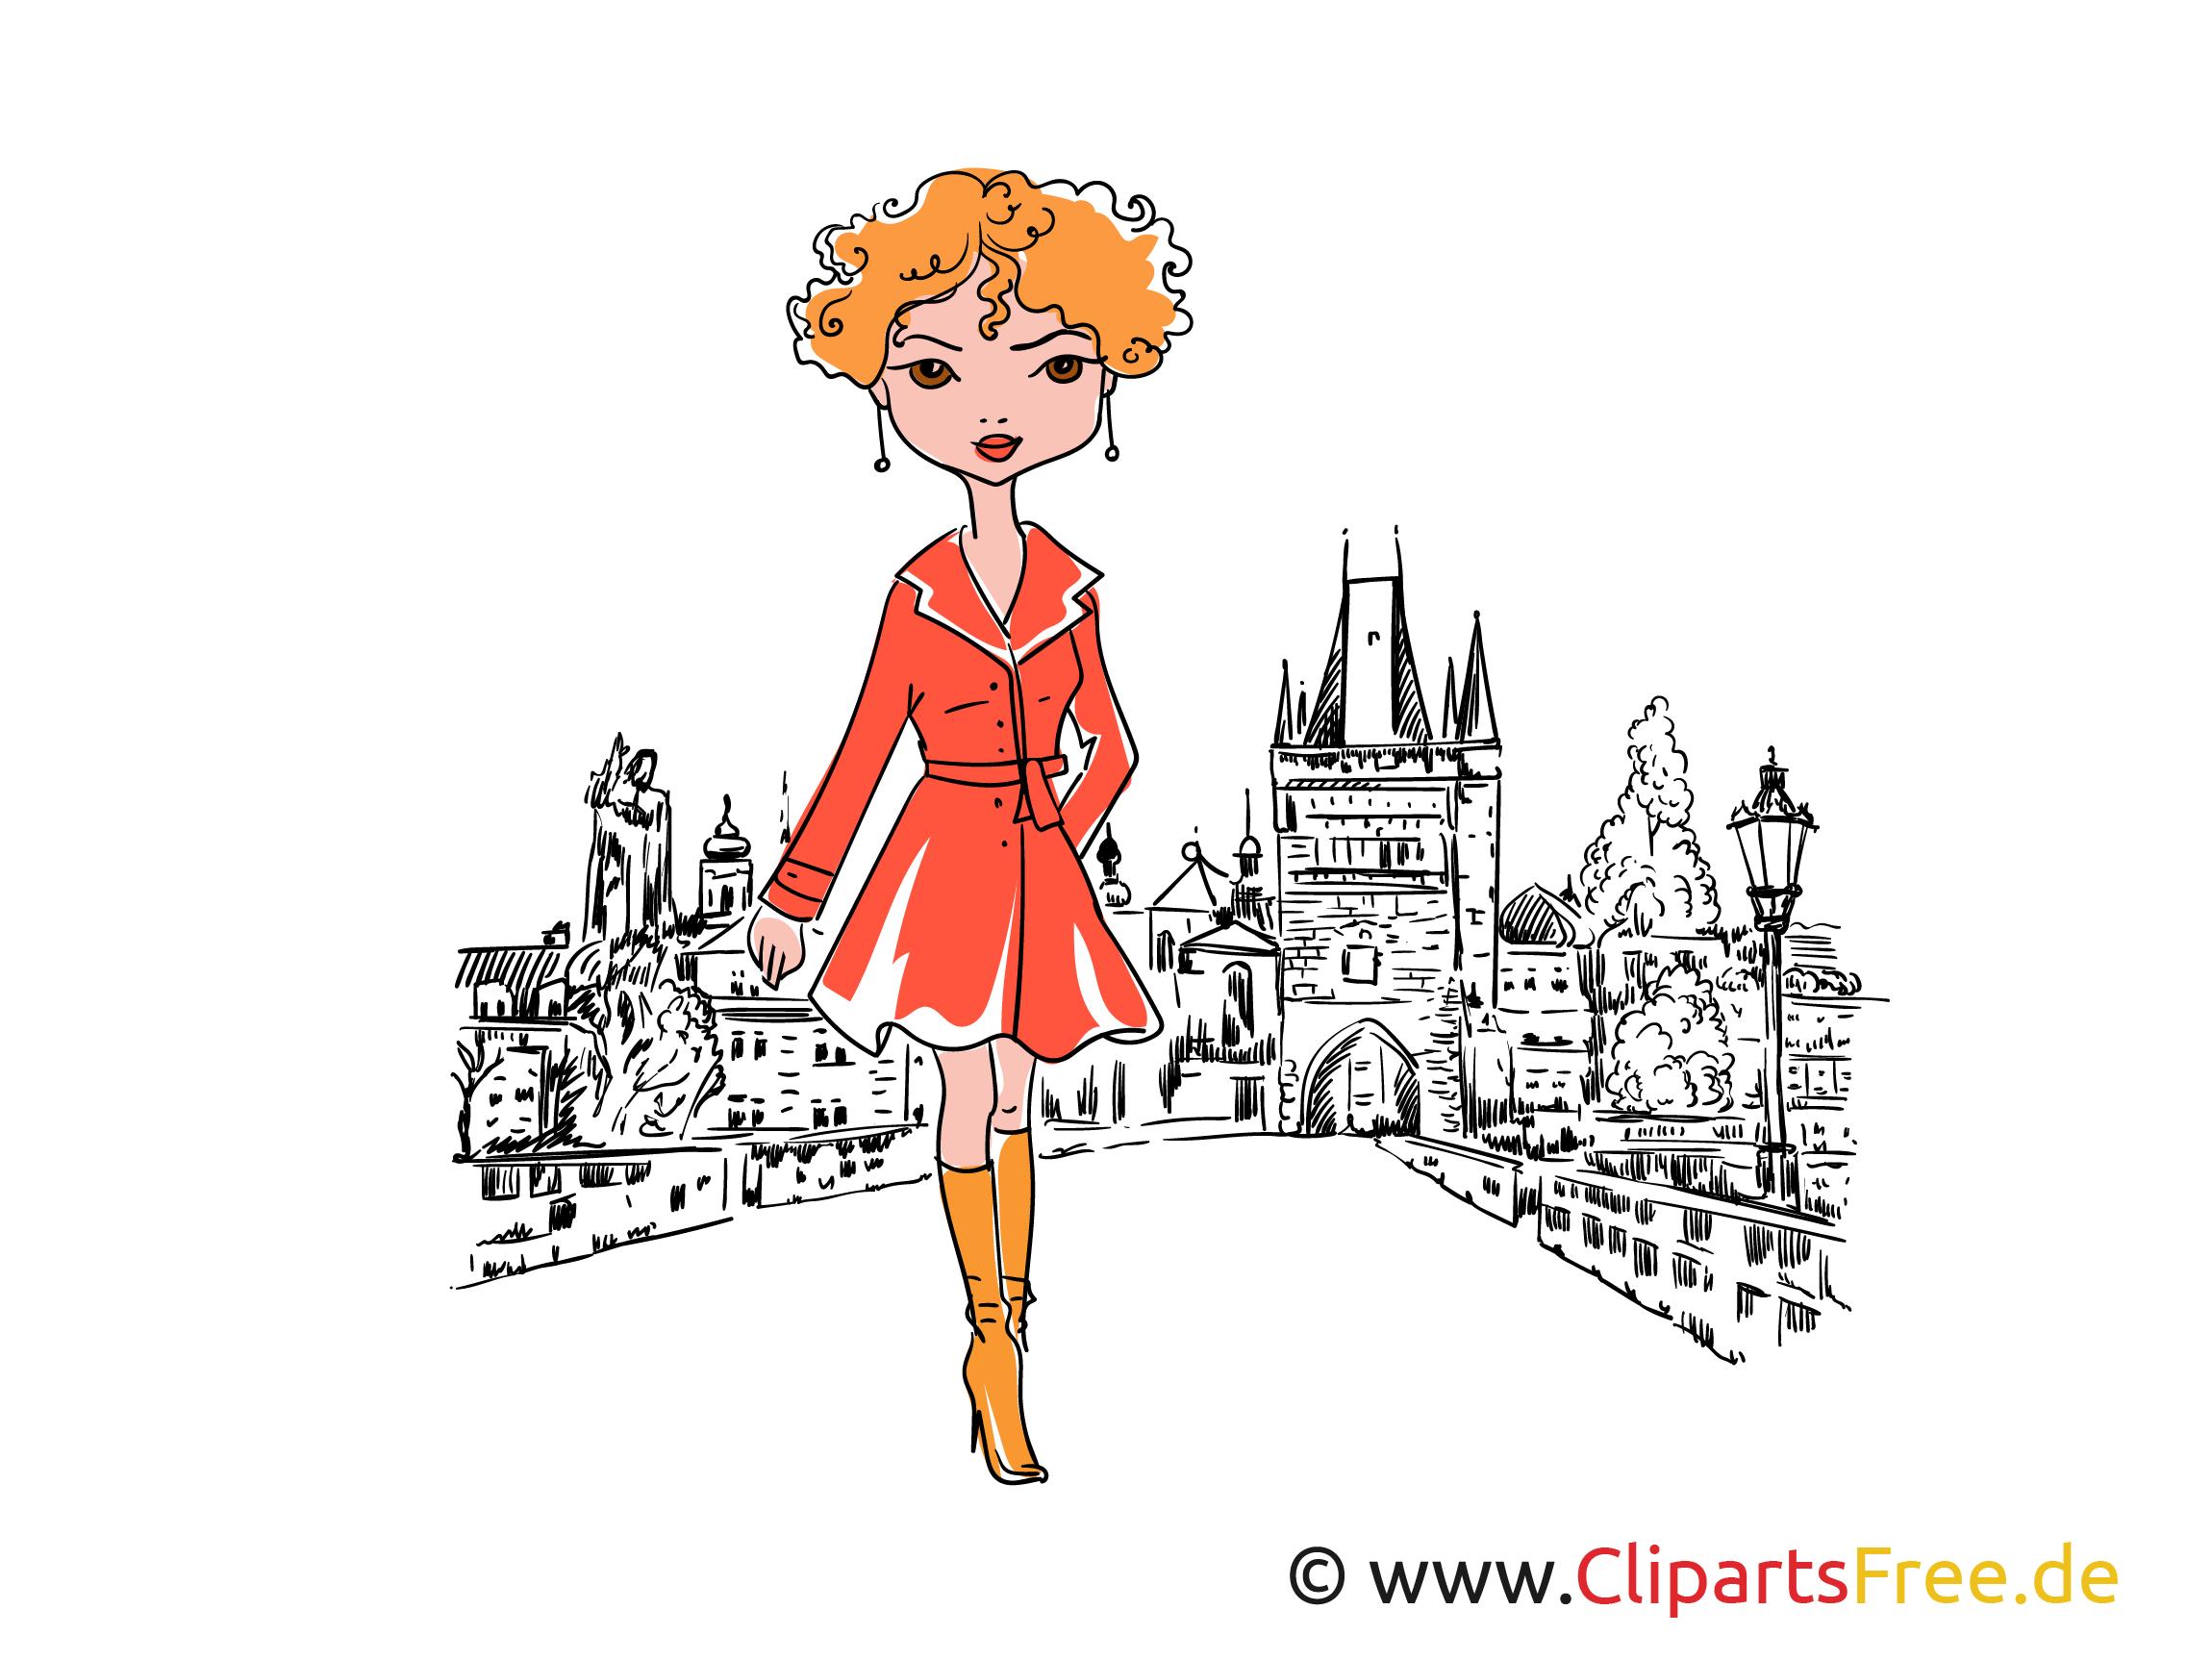 Schöne Mädels posierend Cliparts, Illustrationen, Bilder